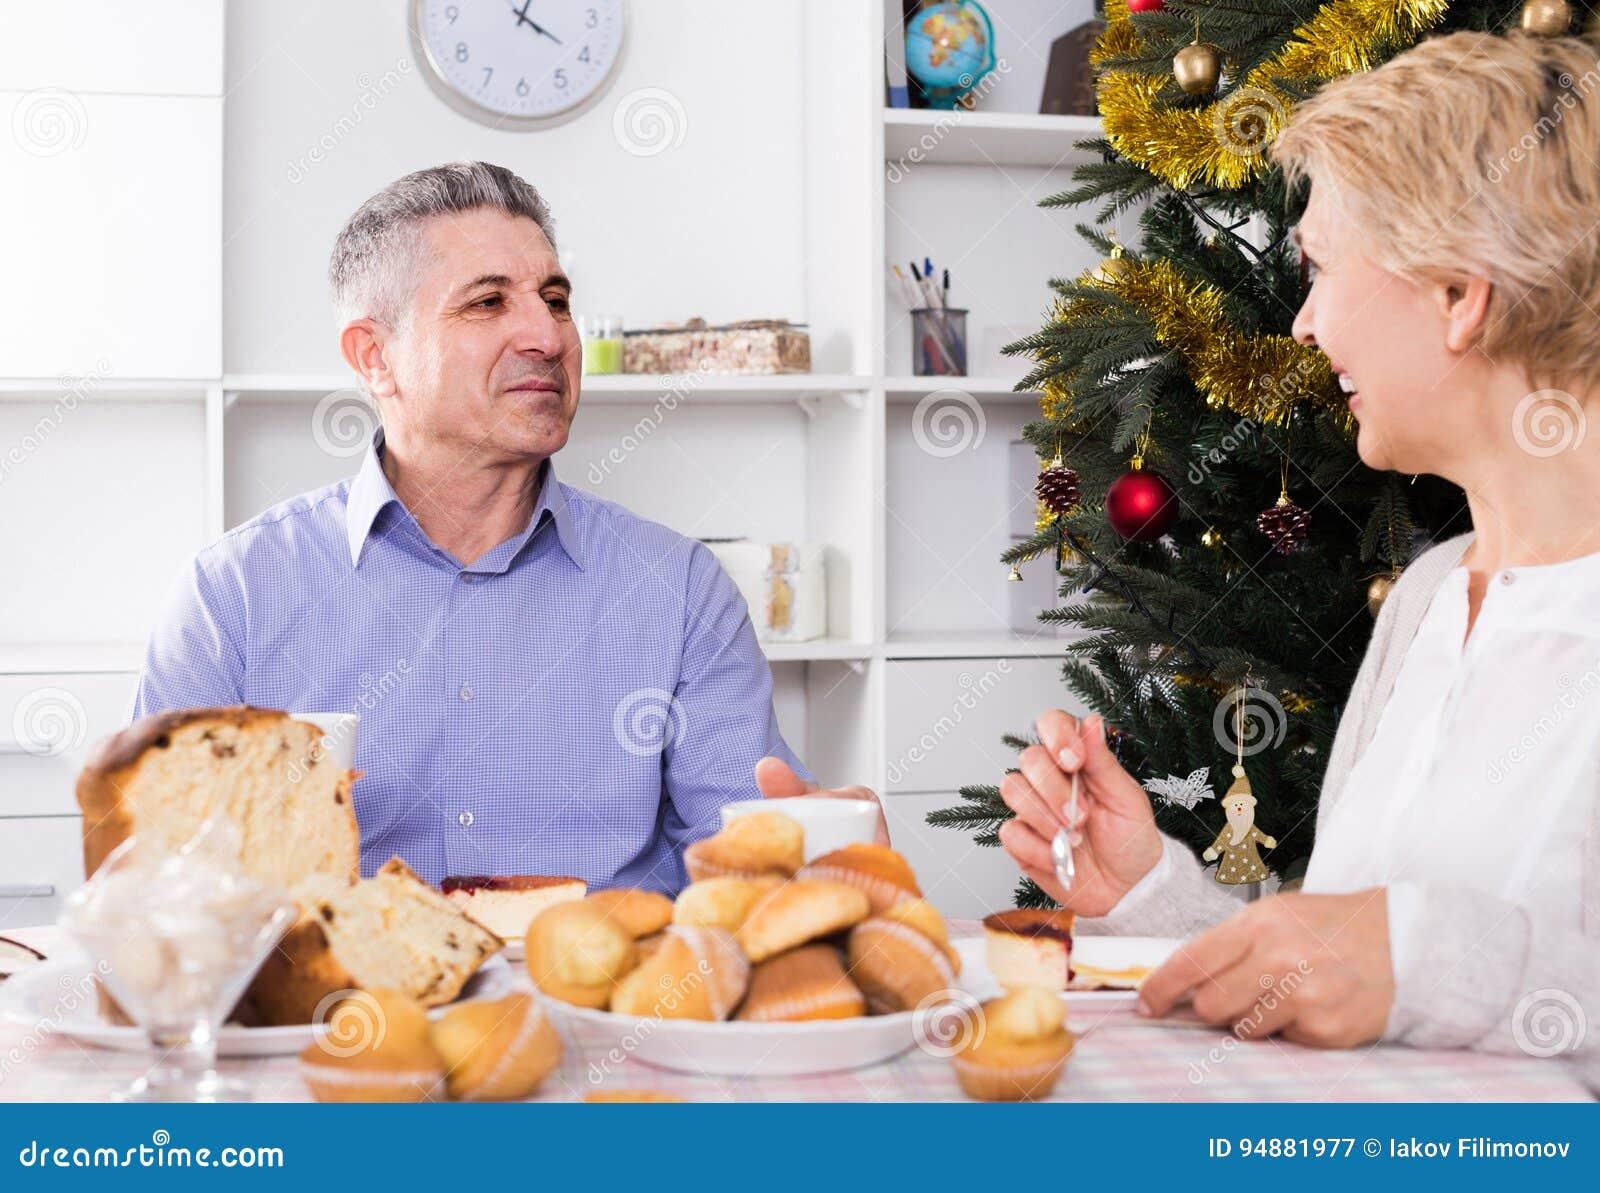 夫妇在家庆祝圣诞节和新年的桌上